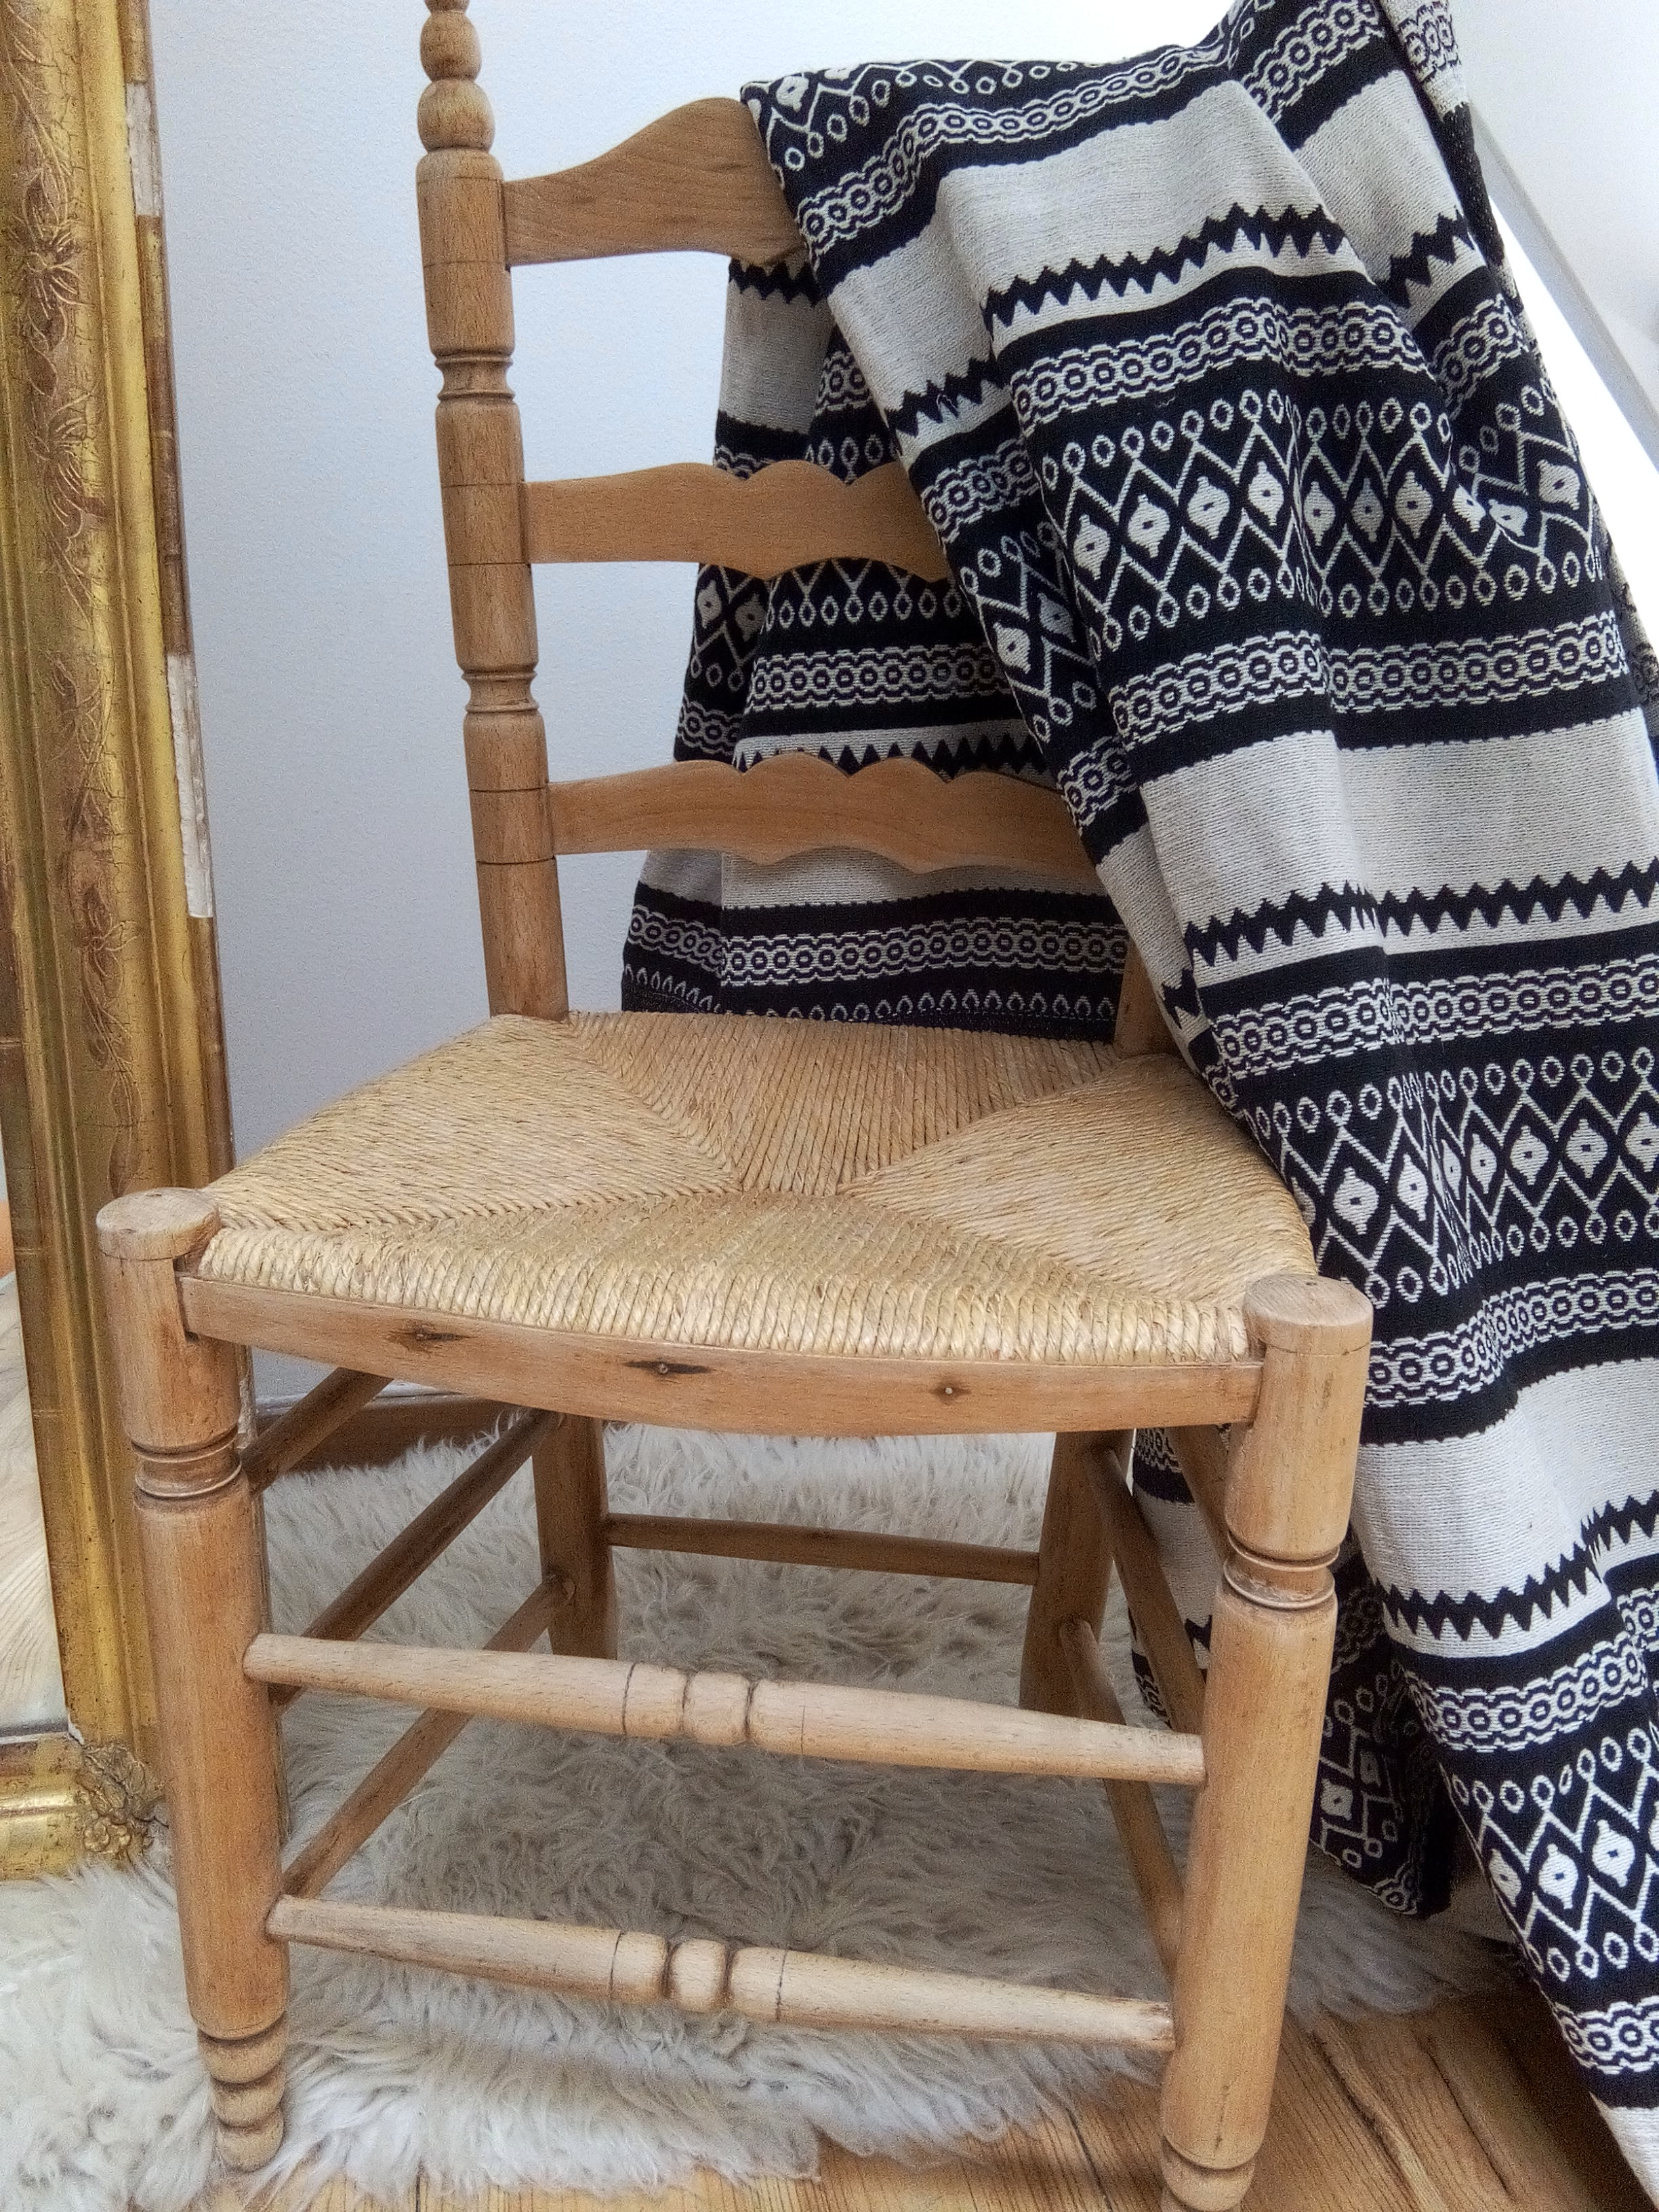 Refaire une assise de chaise recouvrir des chaises with refaire une assise de chaise perfect - Refaire une chaise en paille ...